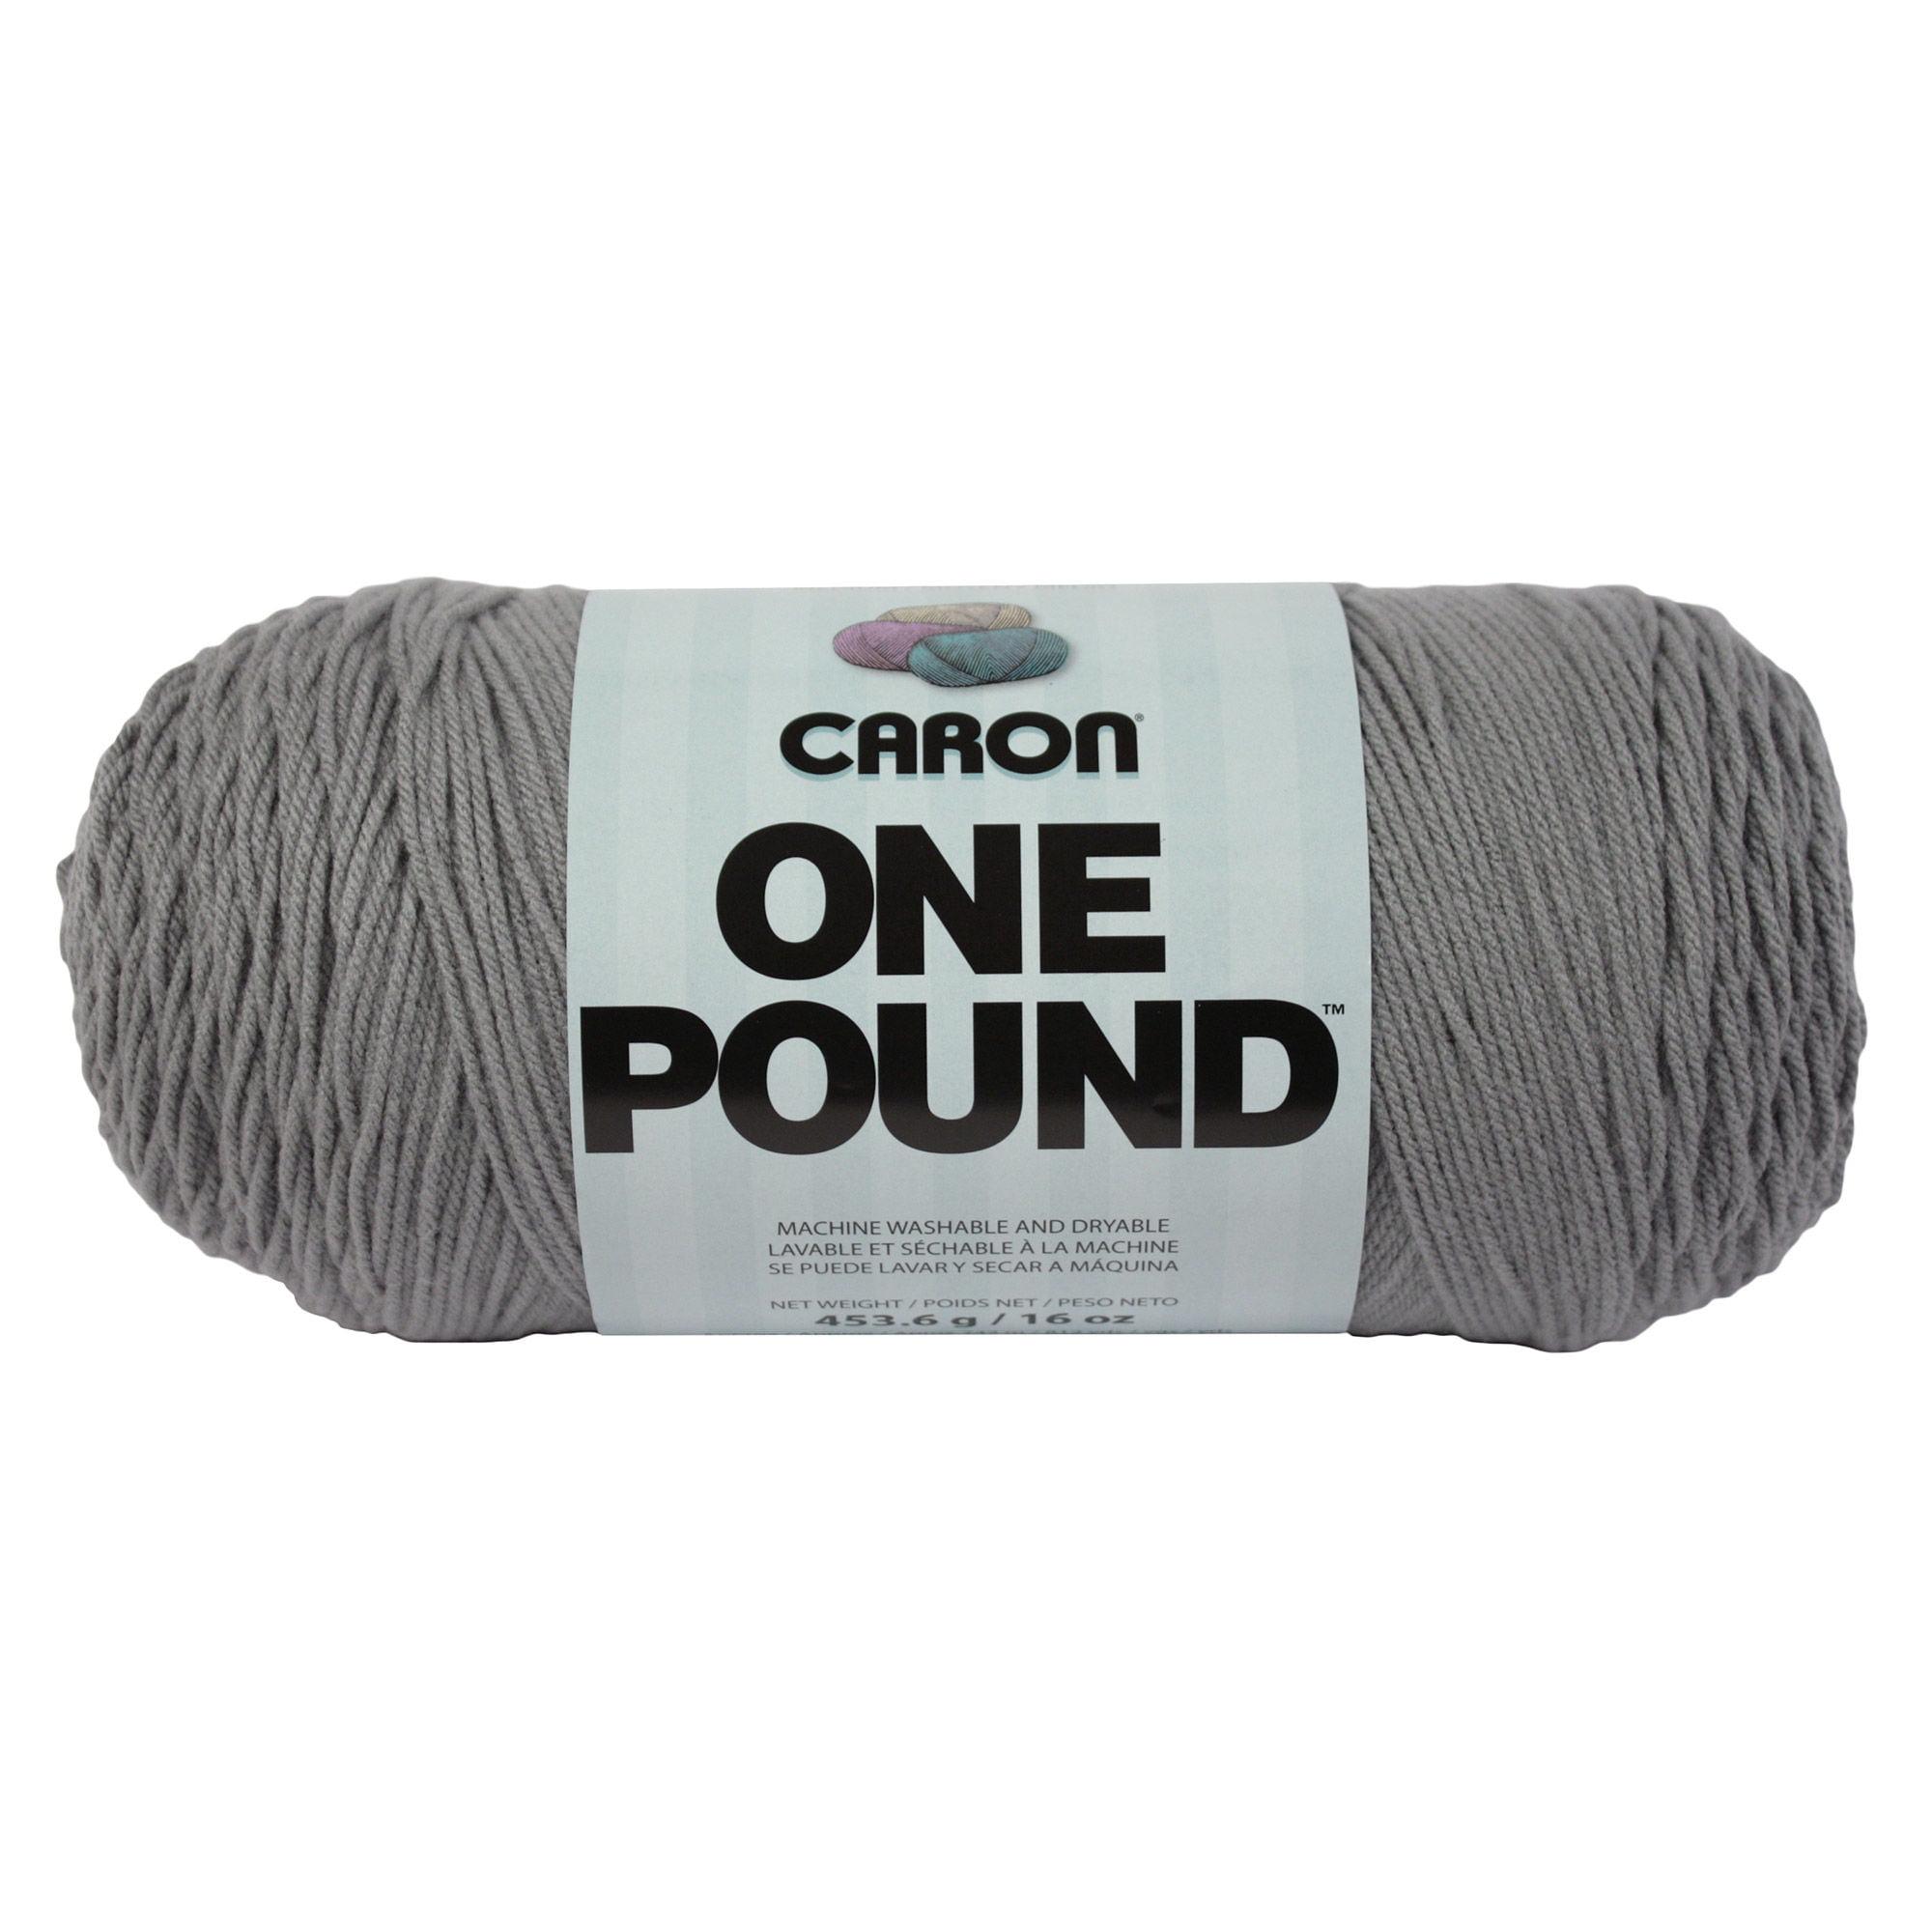 Caron One Pound Yarn, White